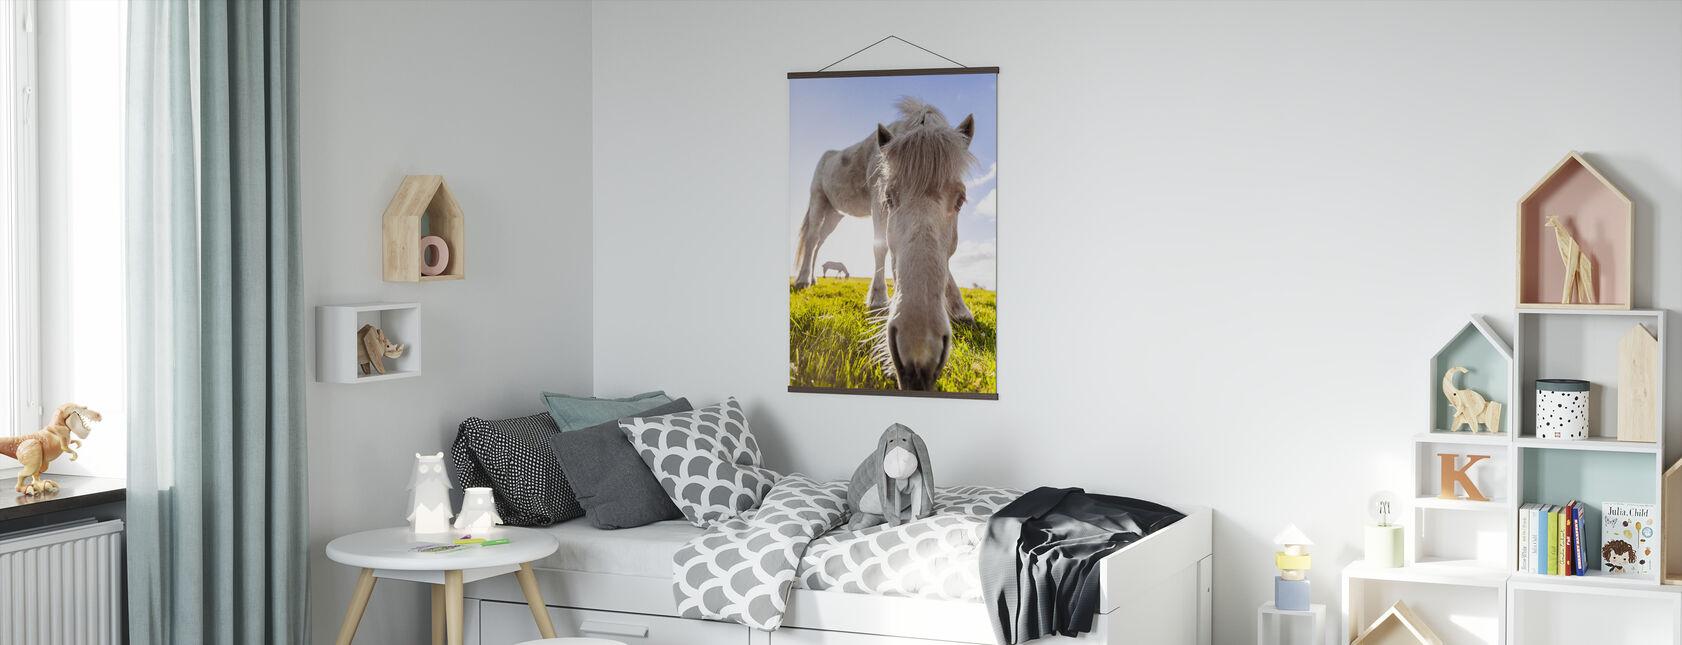 White Horse - Poster - Kids Room